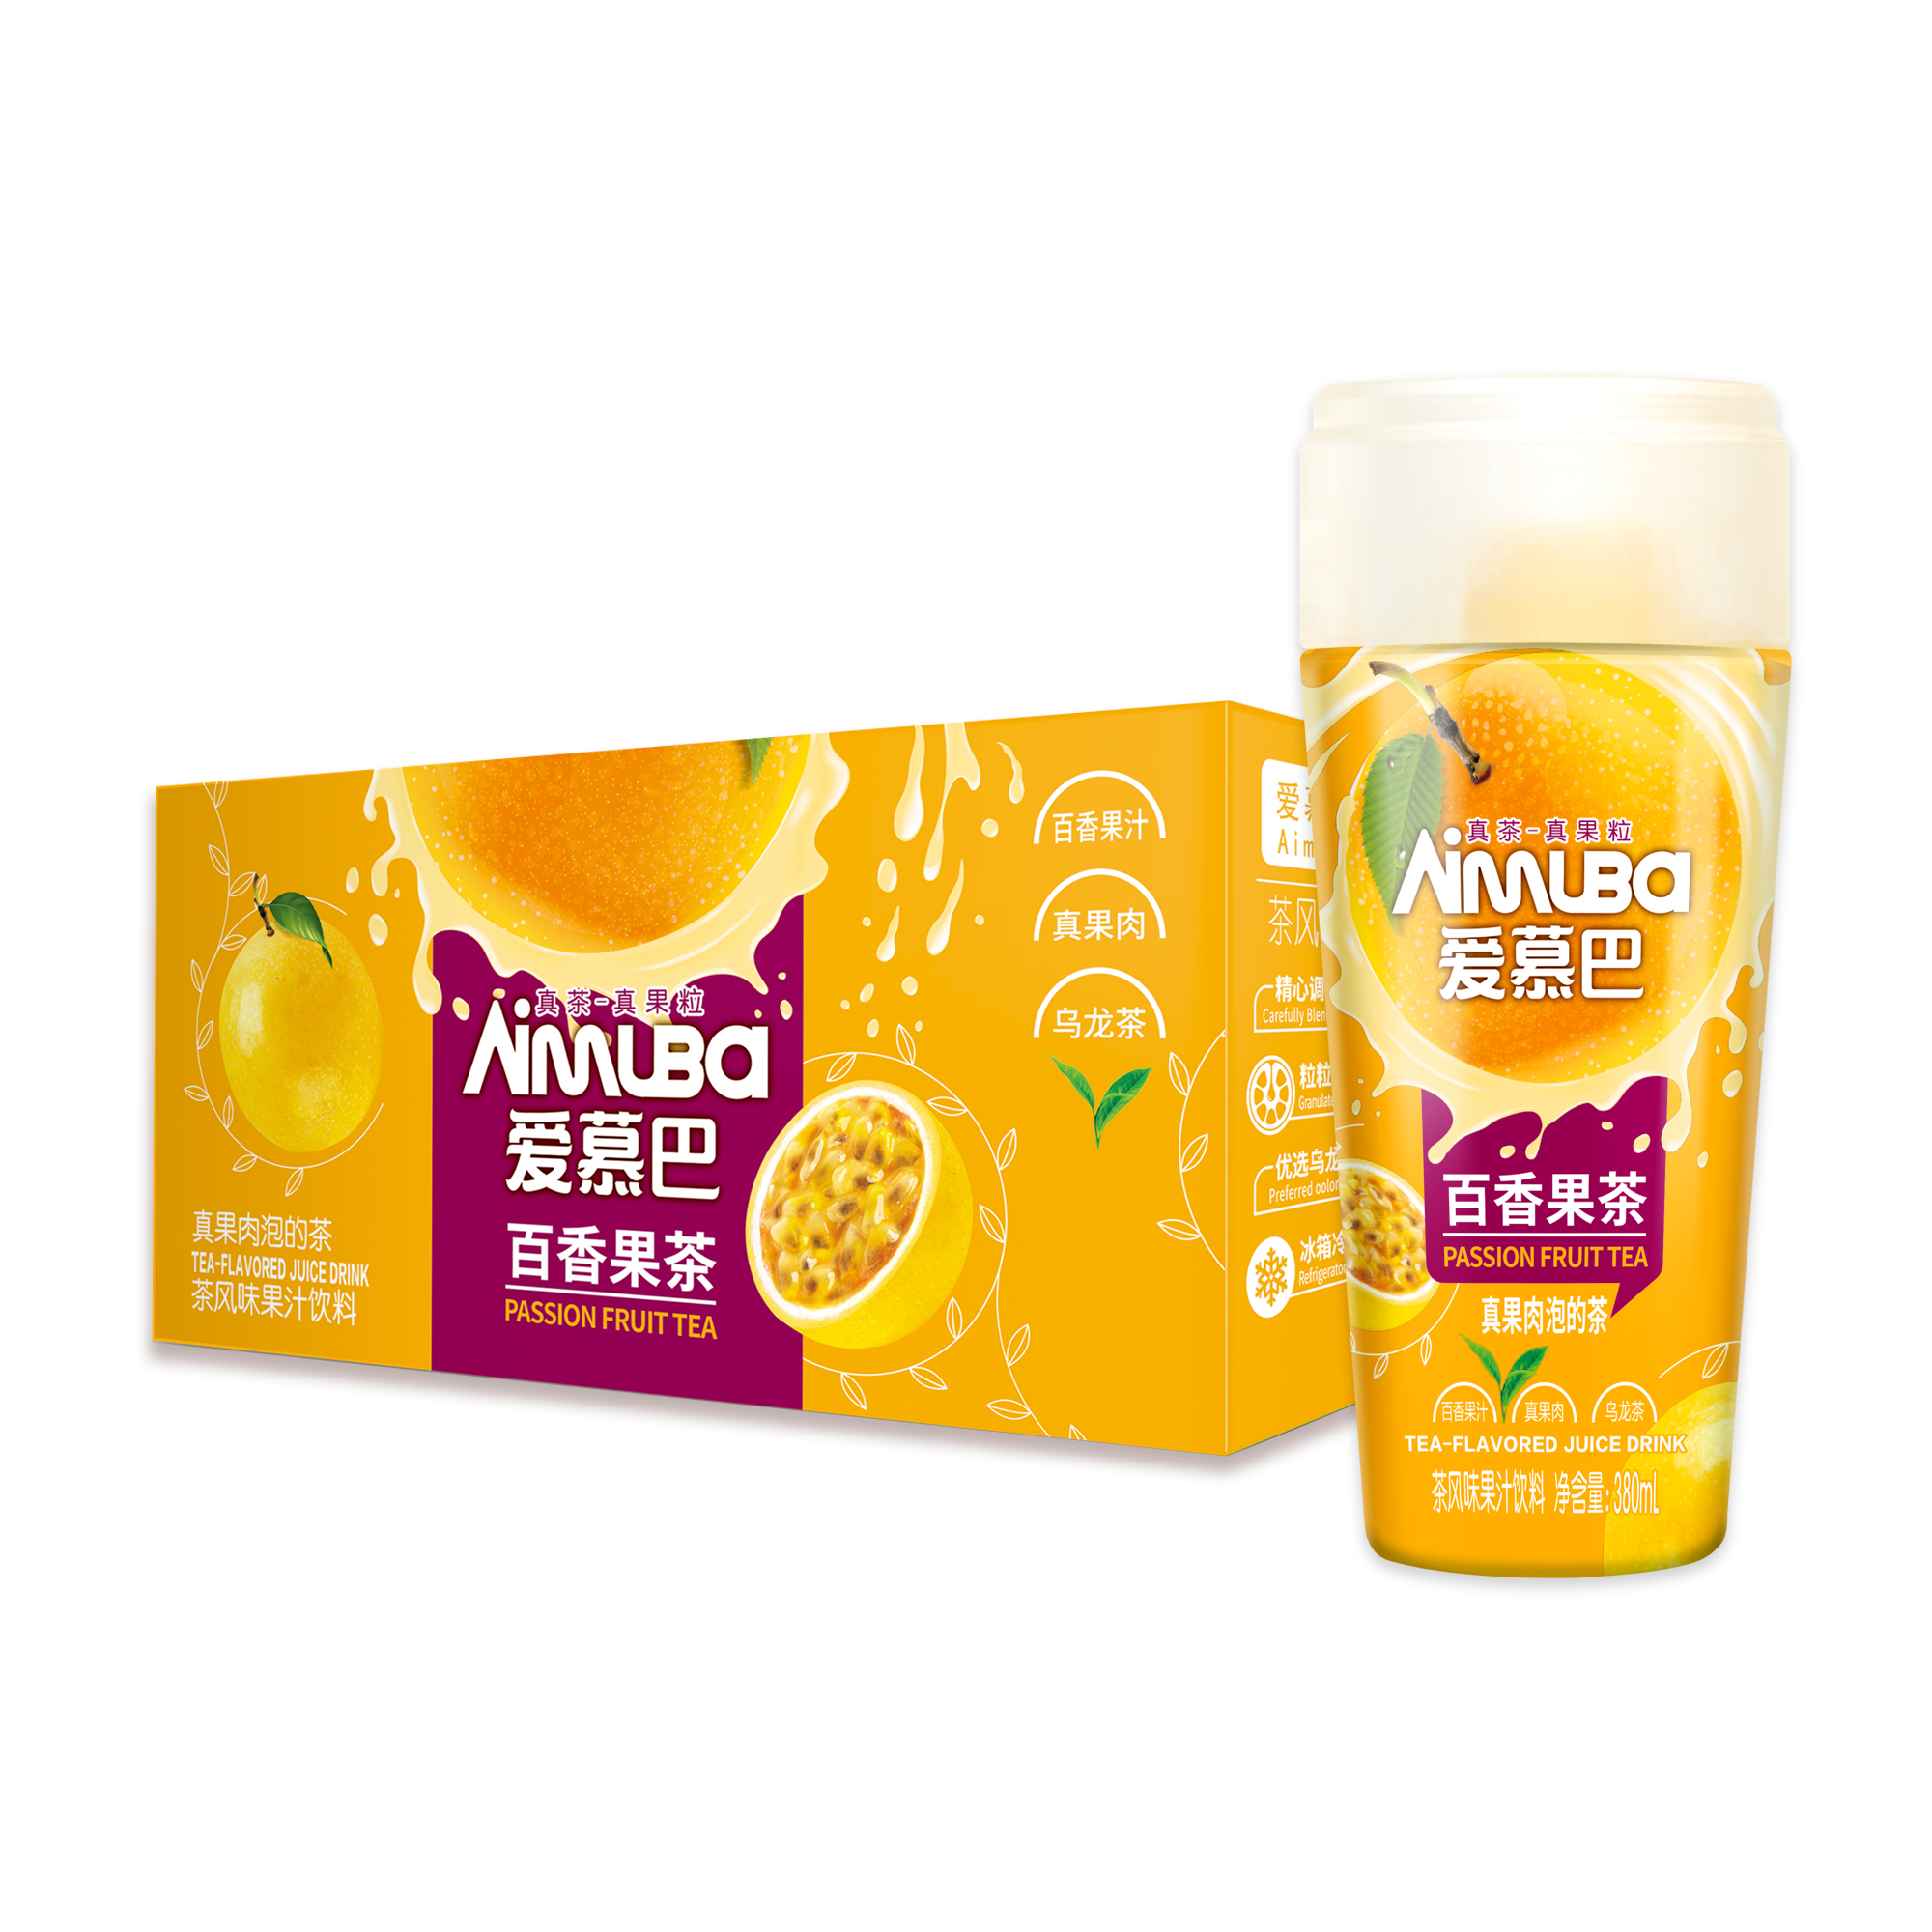 愛慕巴-百香果茶